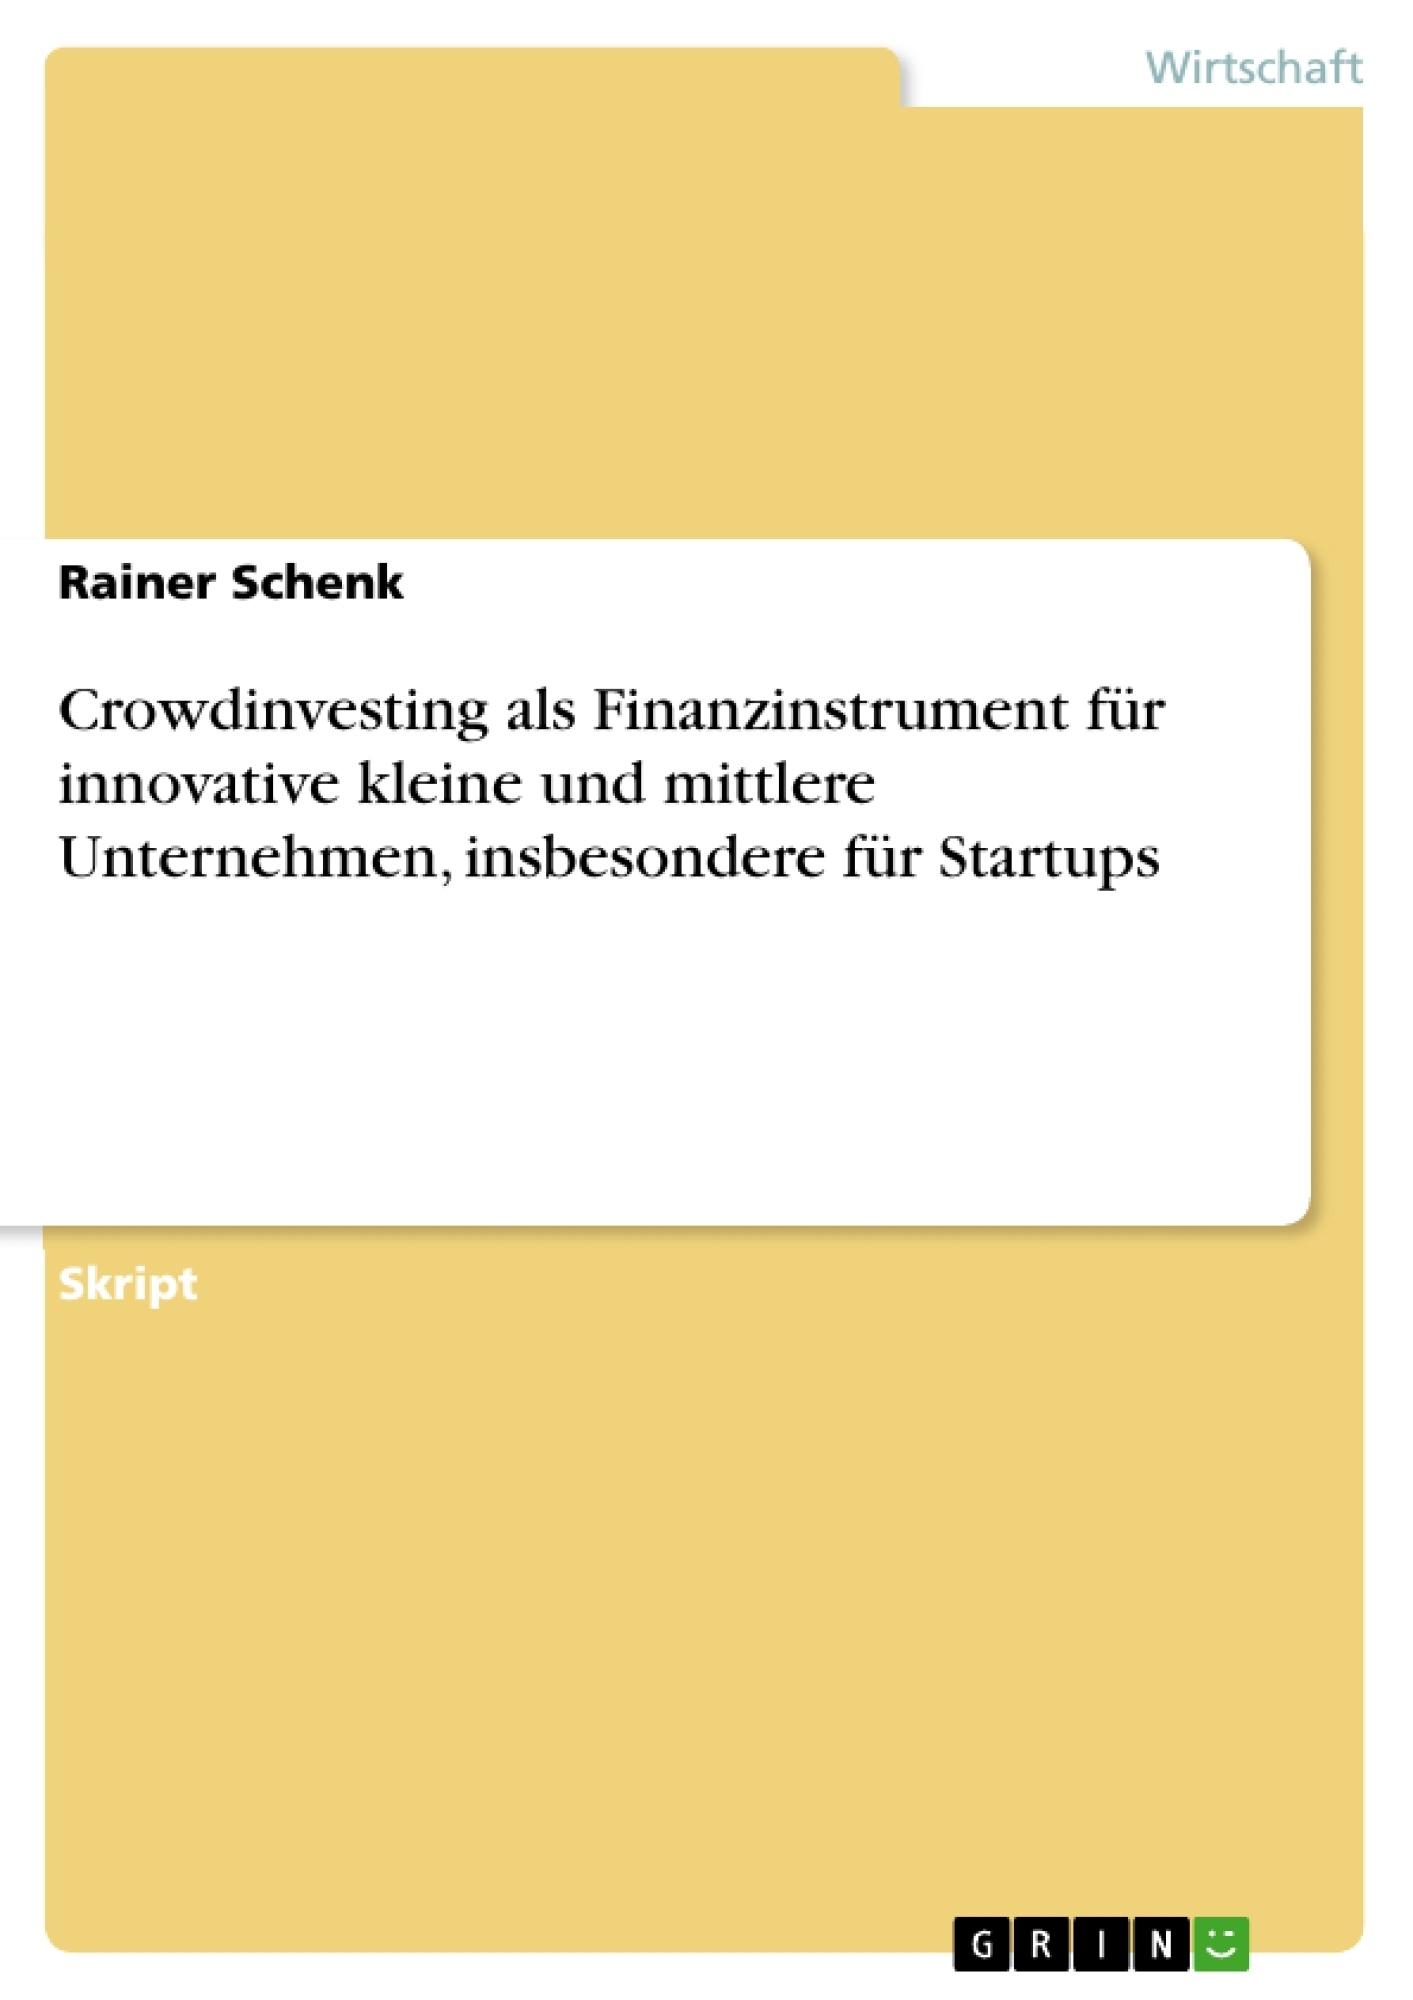 Titel: Crowdinvesting als Finanzinstrument für innovative kleine und mittlere Unternehmen, insbesondere für Startups